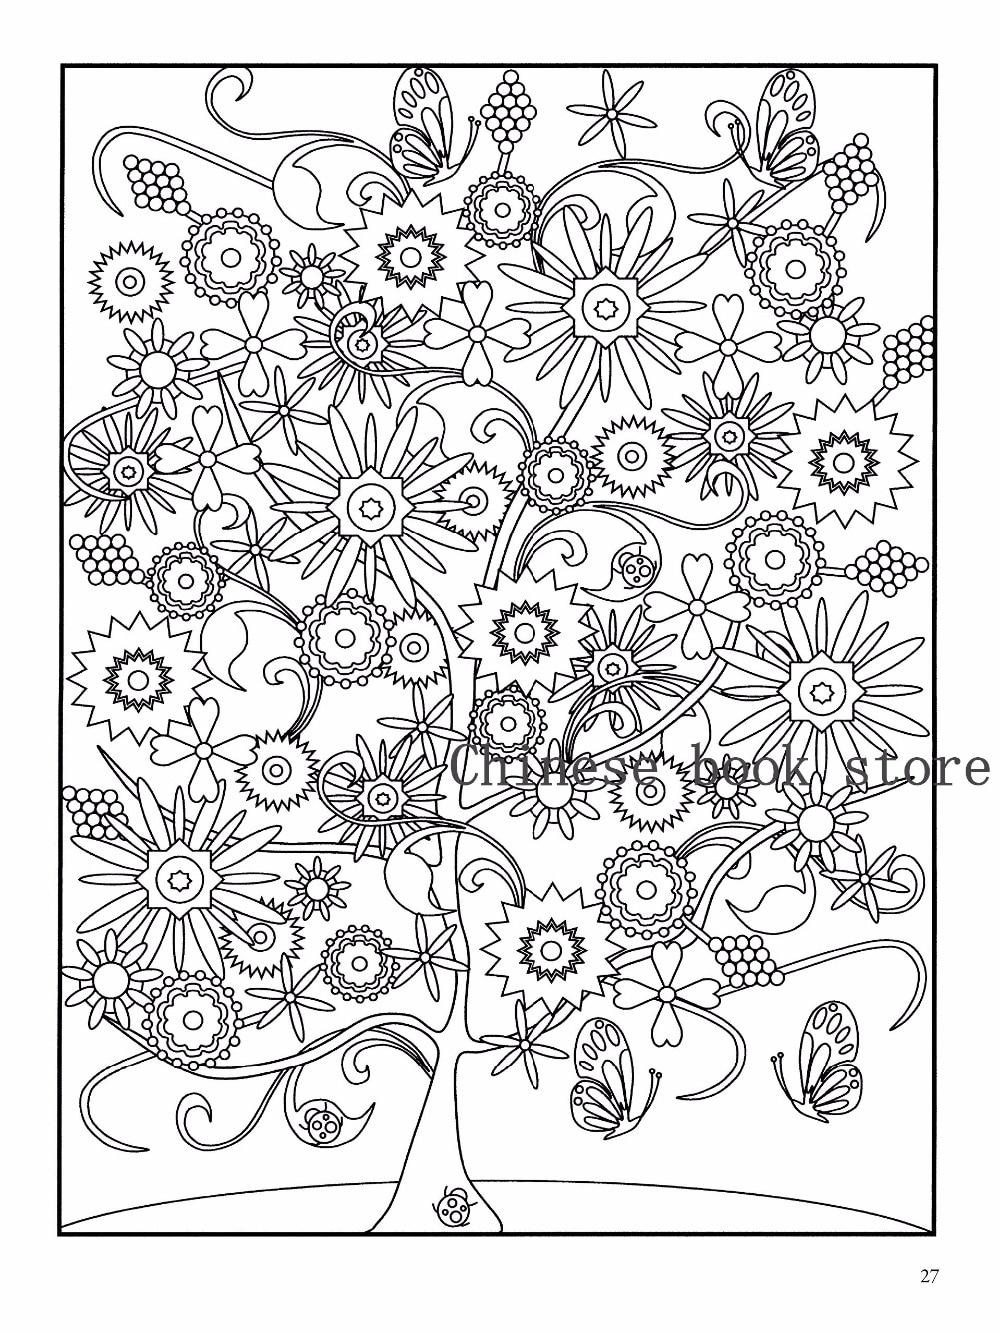 Coloring book untuk dewasa - Misterius Mandala Buku Mewarnai Untuk Dewasa Anak Desain Menghilangkan Stres Secret Garden Art Lukisan Mewarnai Buku Baru Di Buku Dari Kantor Perlengkapan